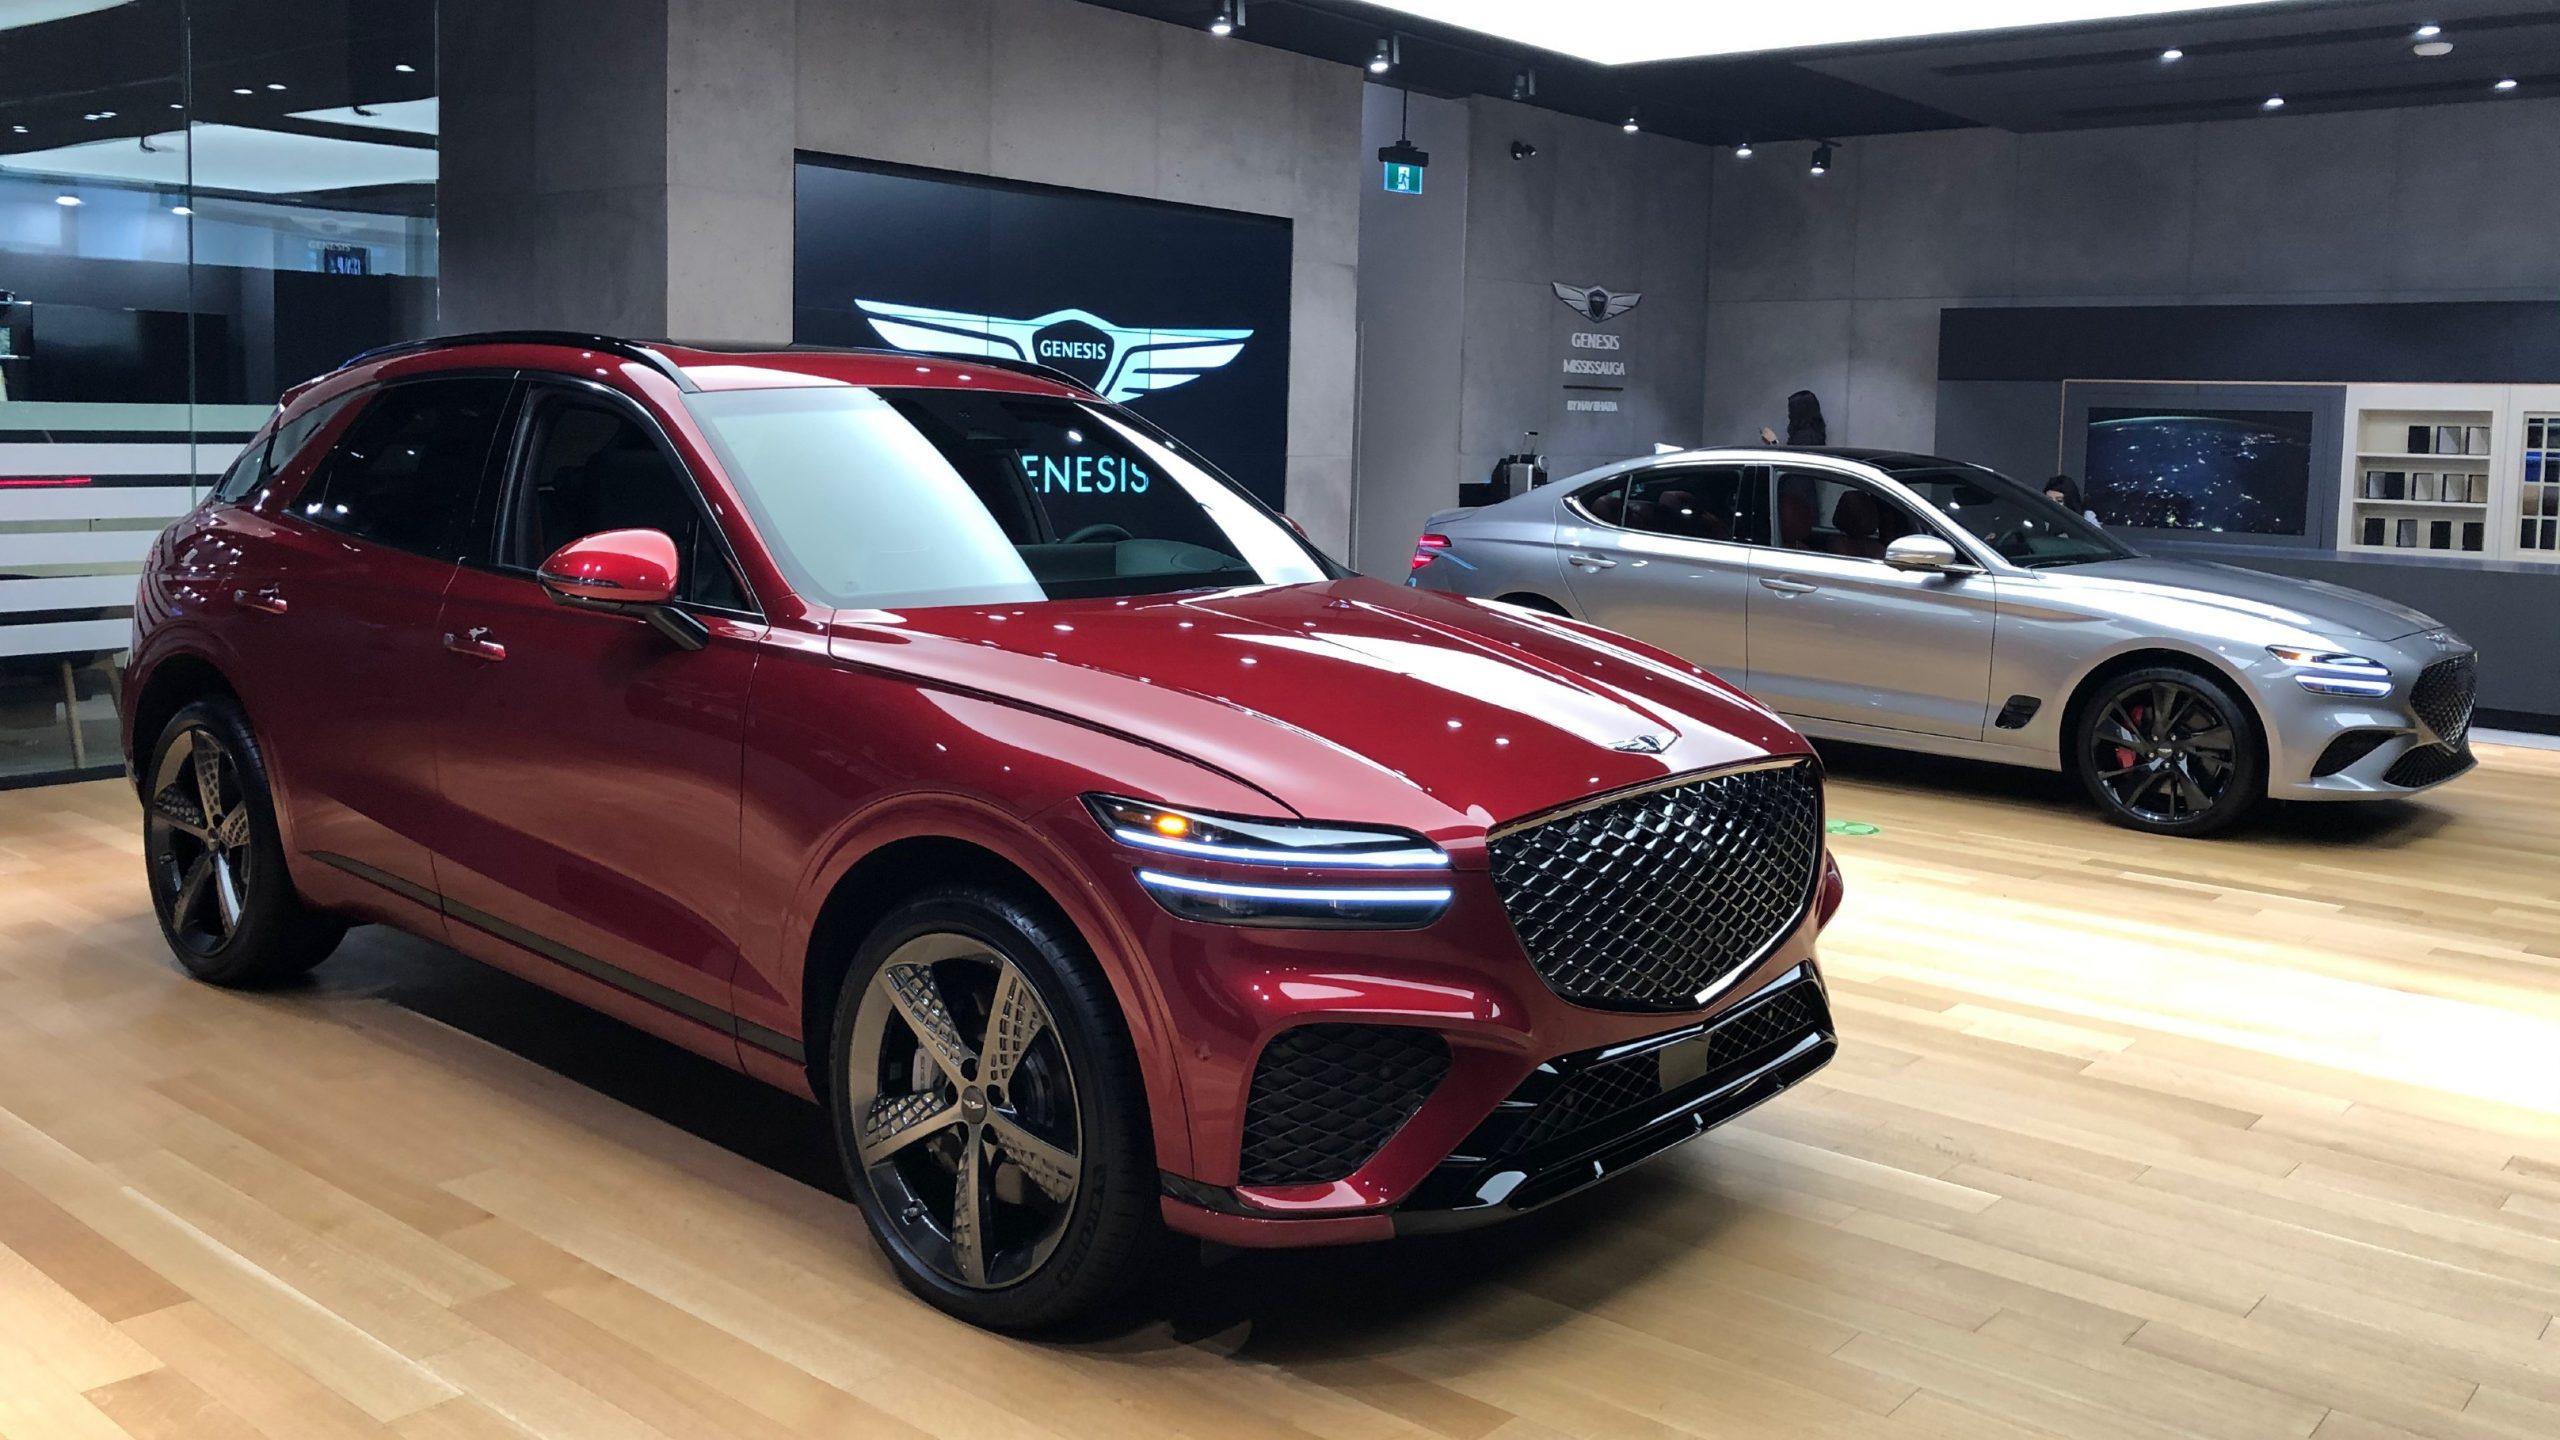 First Look 2022 Genesis GV70